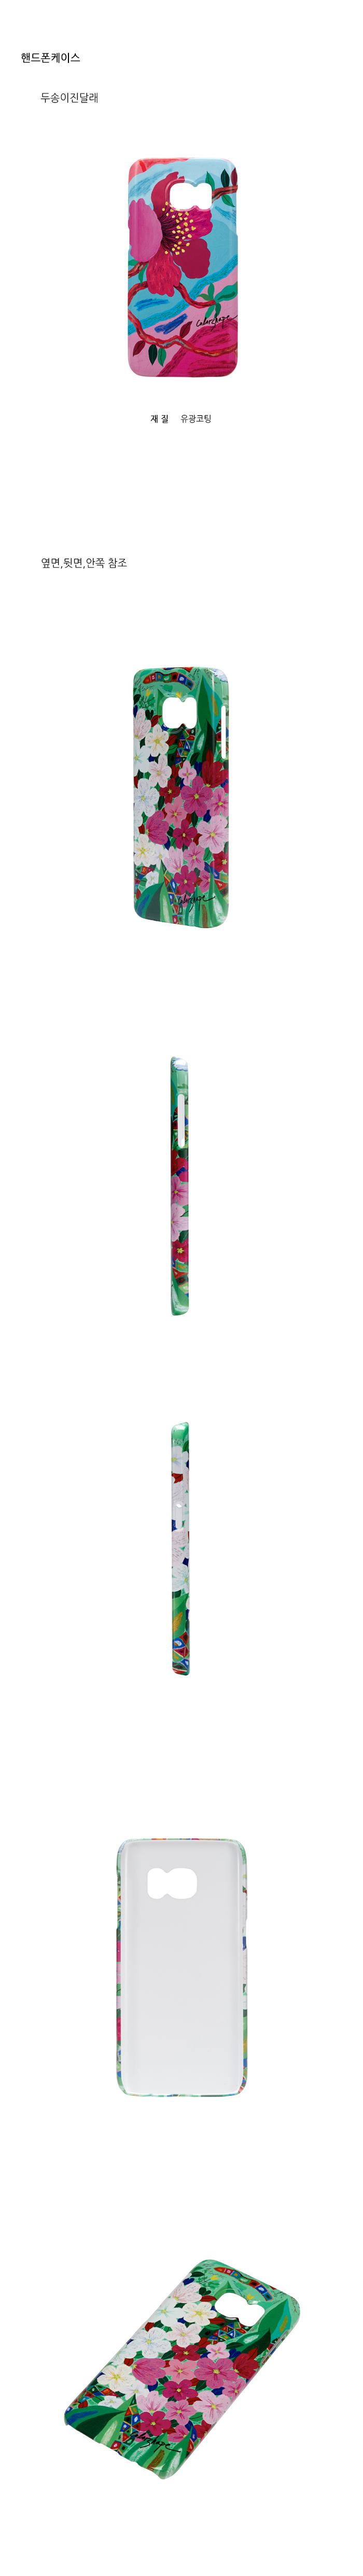 아이폰 7+8+_HP케이스_두송이진달래 - 색상, 24,000원, 케이스, 아이폰7플러스/8플러스